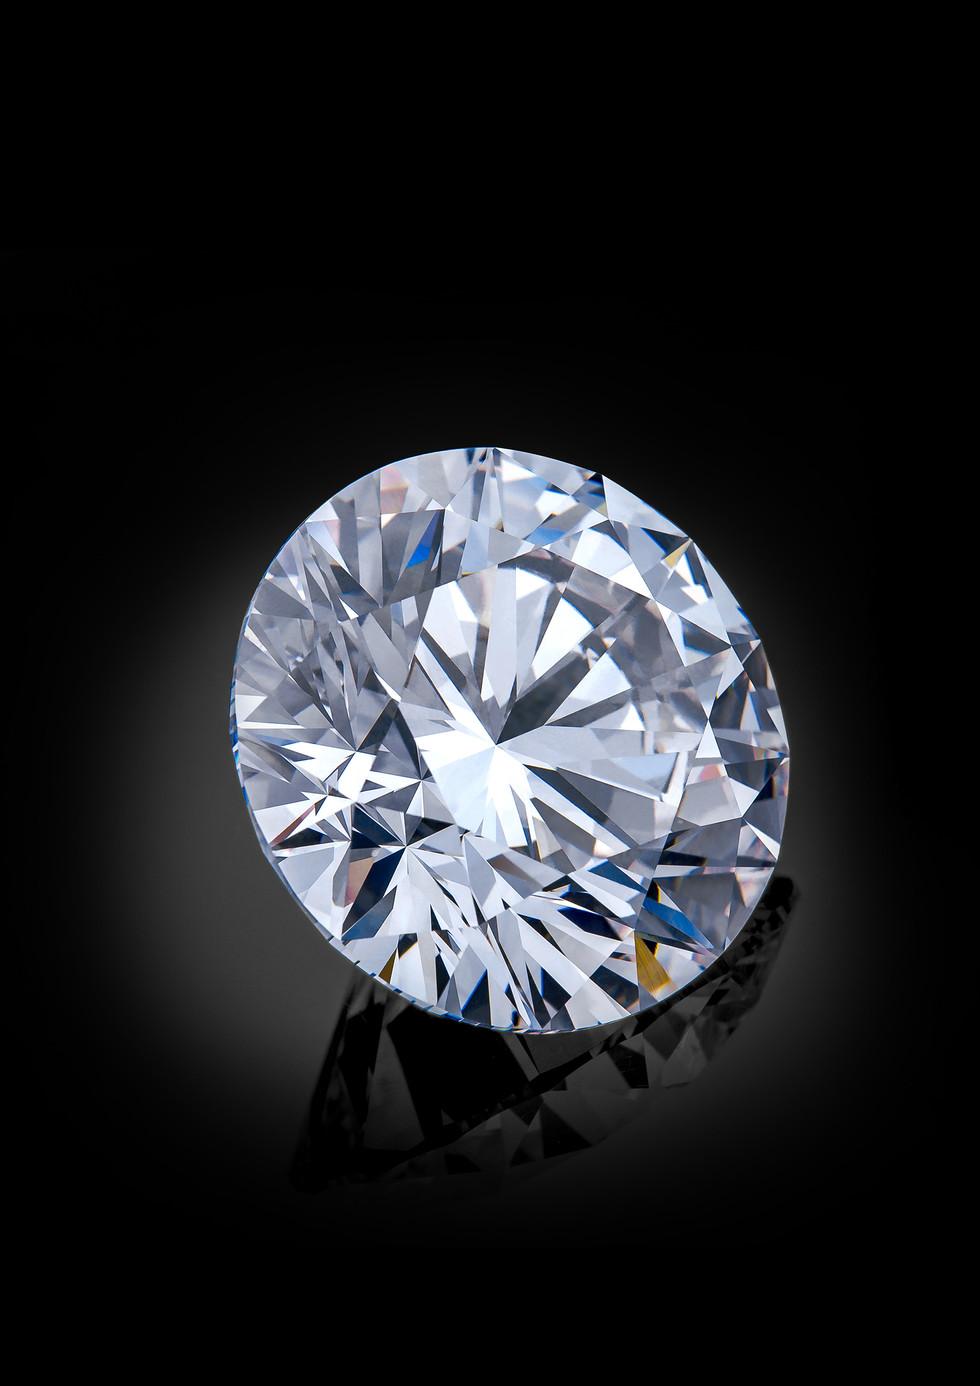 Arton Jewelry Branding7.jpg